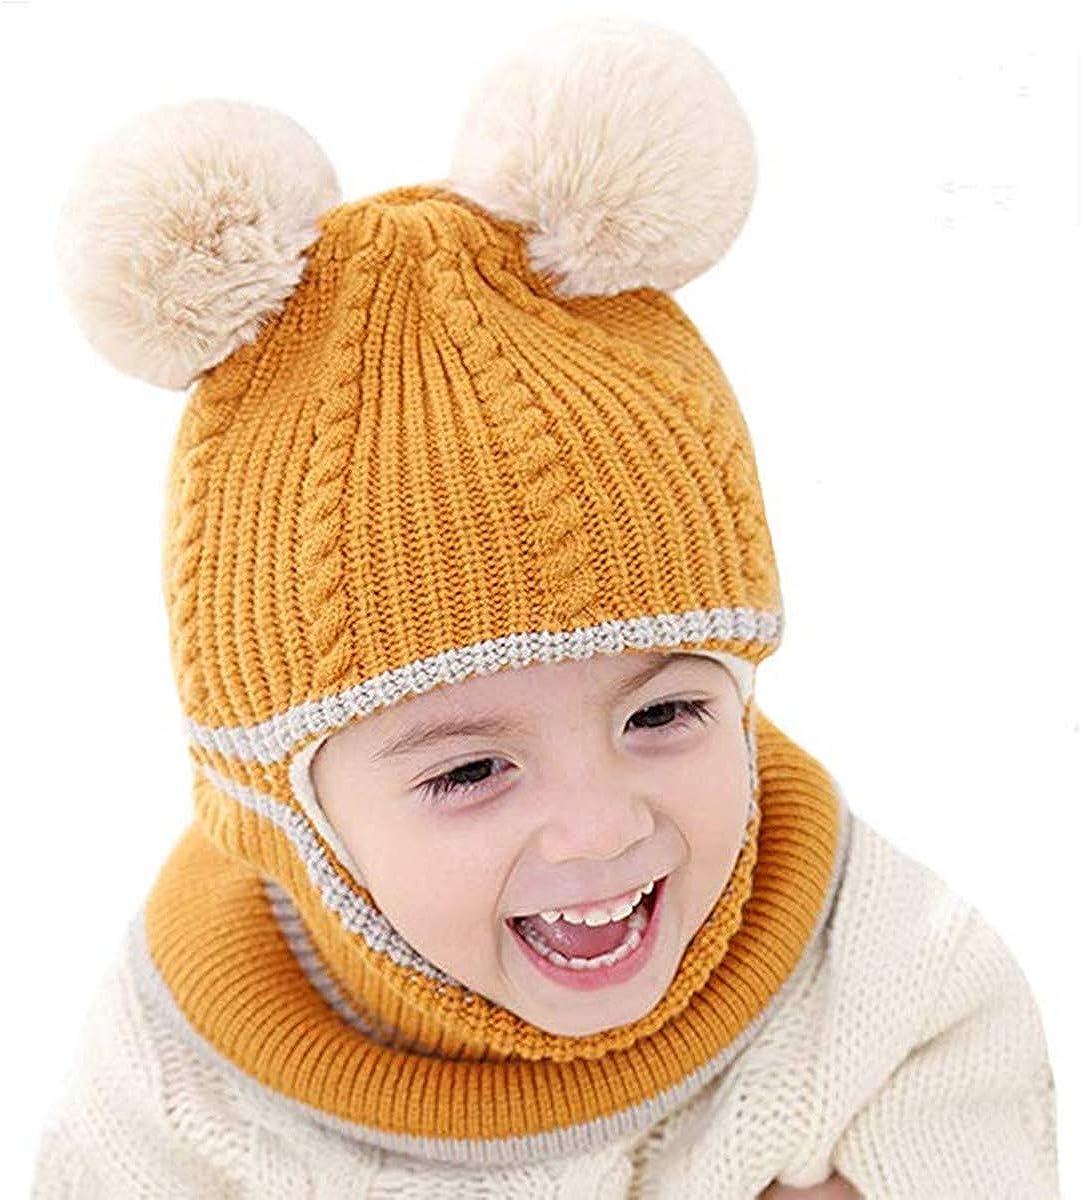 vamei Winterm/ütze Kinder Beanie M/ütze M/ädchen mit Bommel M/ütze Baby Strickm/ütze Ohren Schalm/ütze Jungen Winter Warm Beanie Baby M/ütze